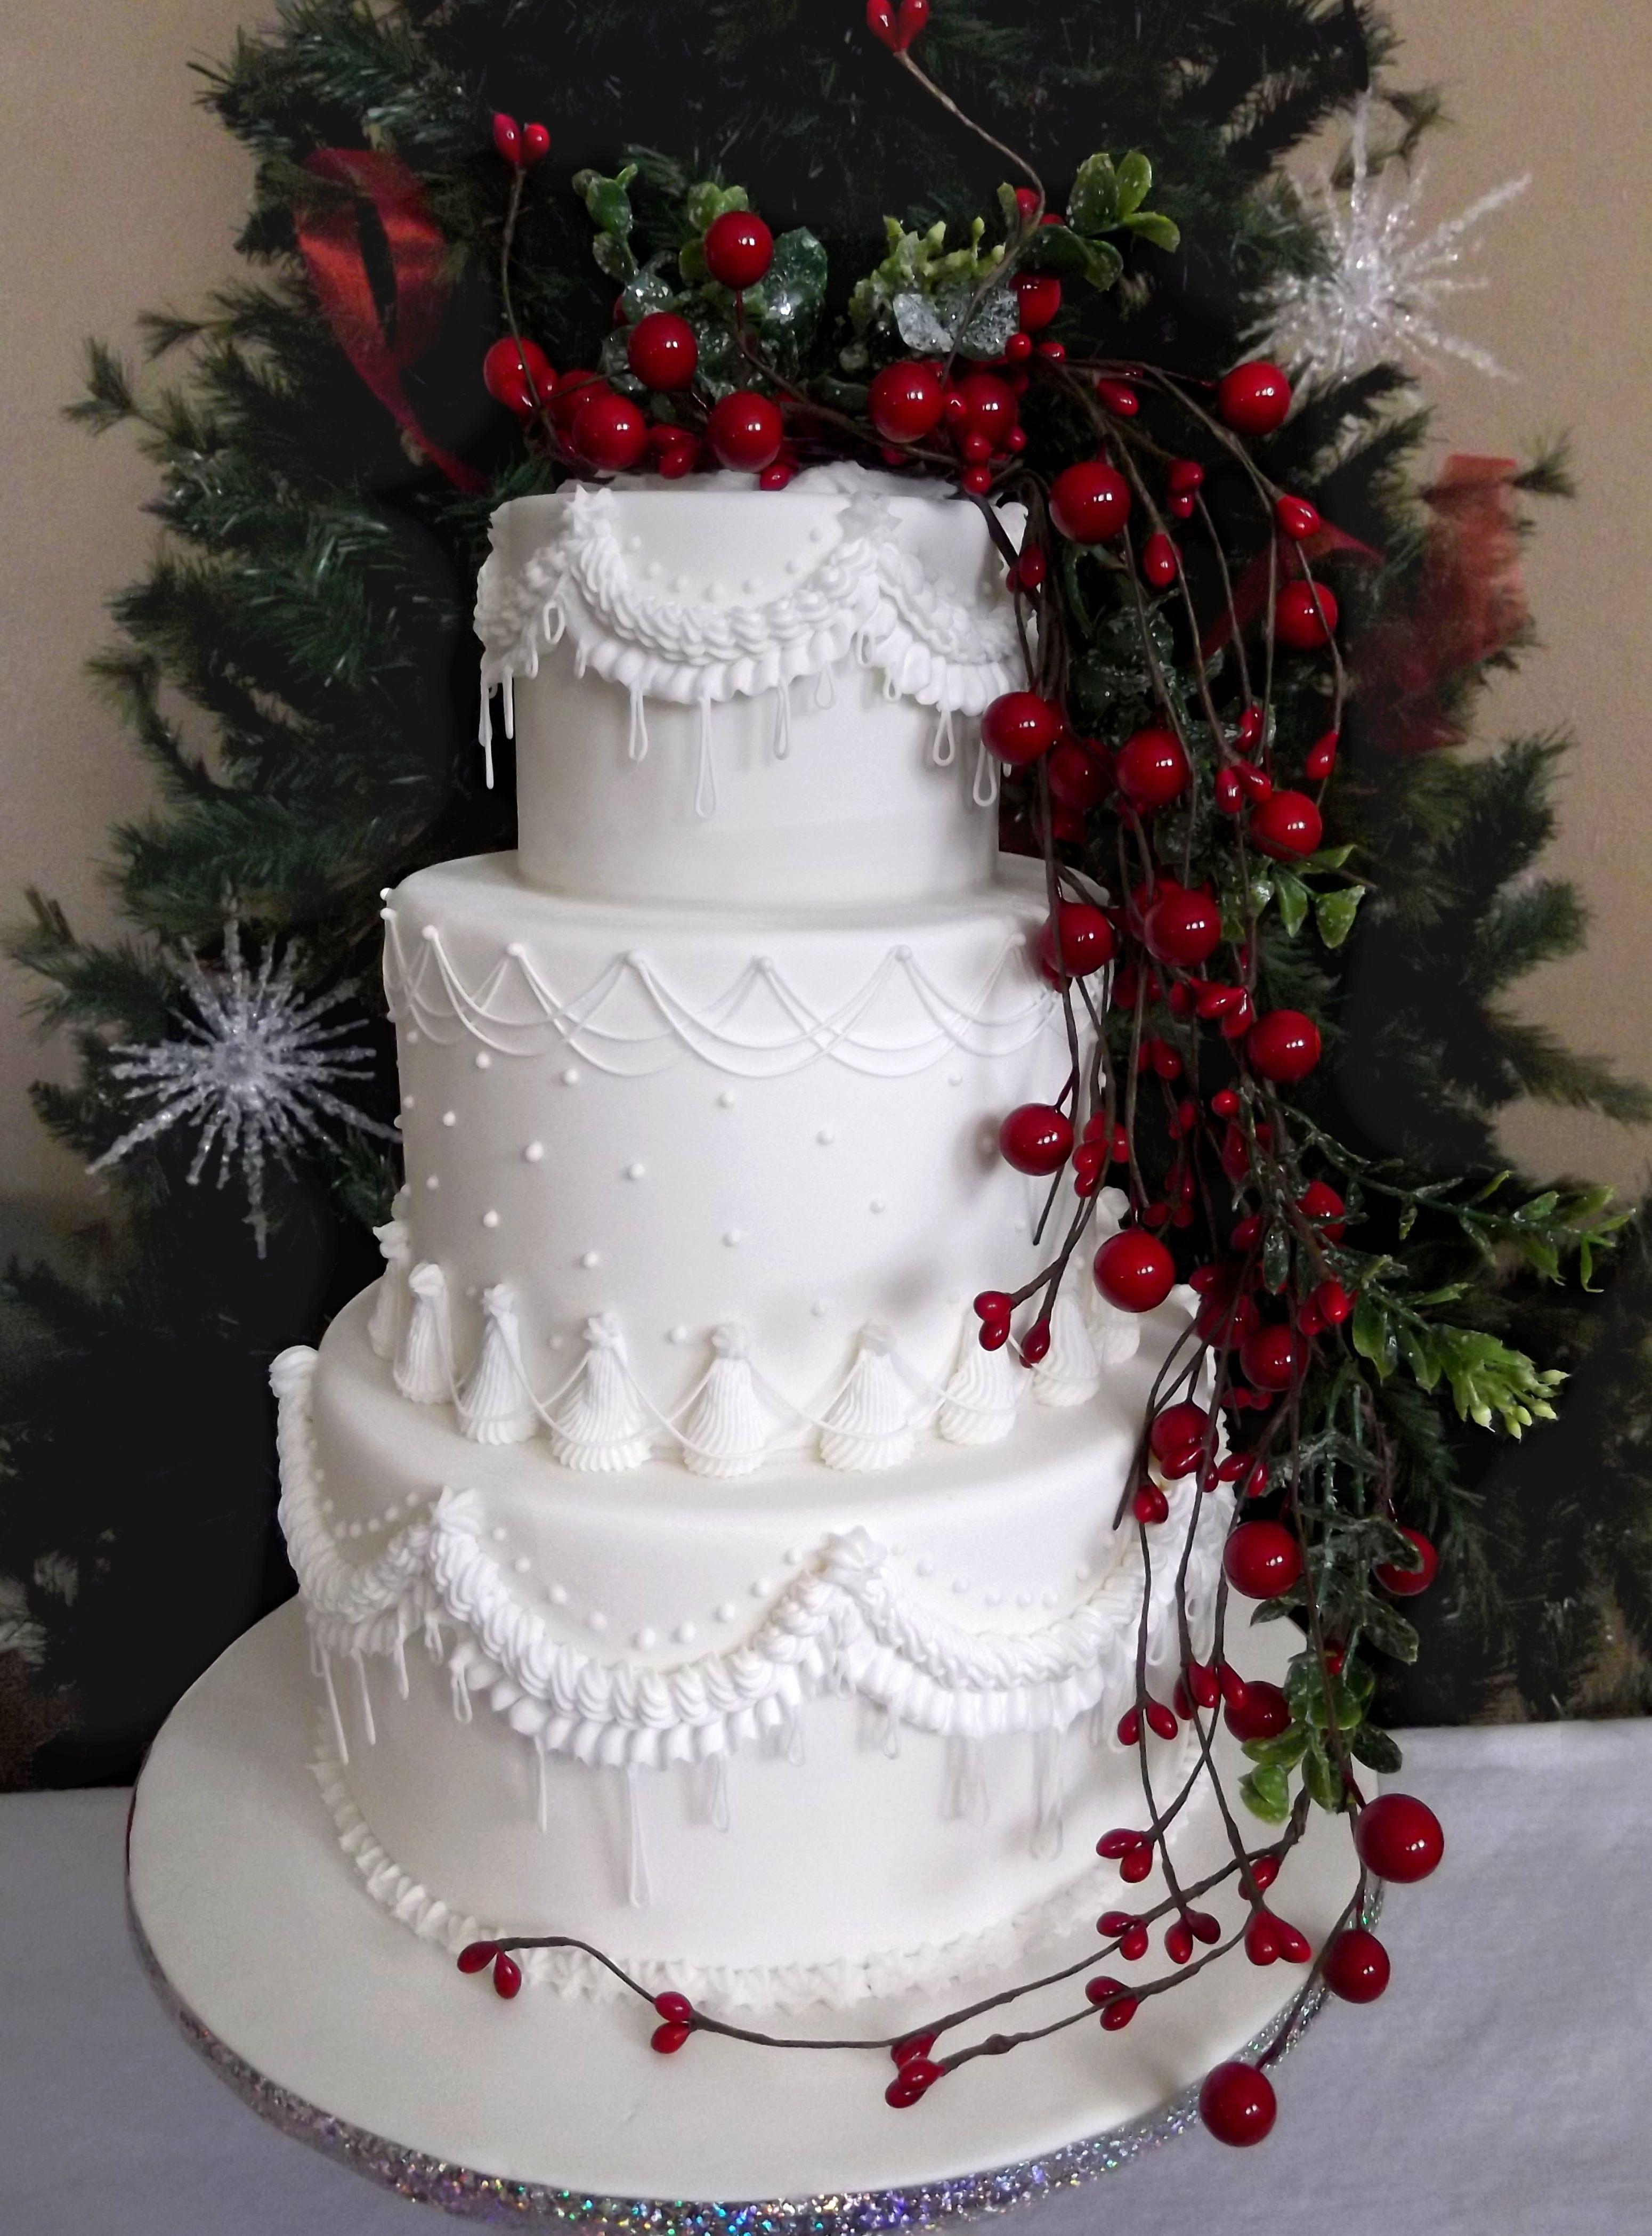 Wedding Cakes Slc  Wedding Cake Salt Lake City insacent